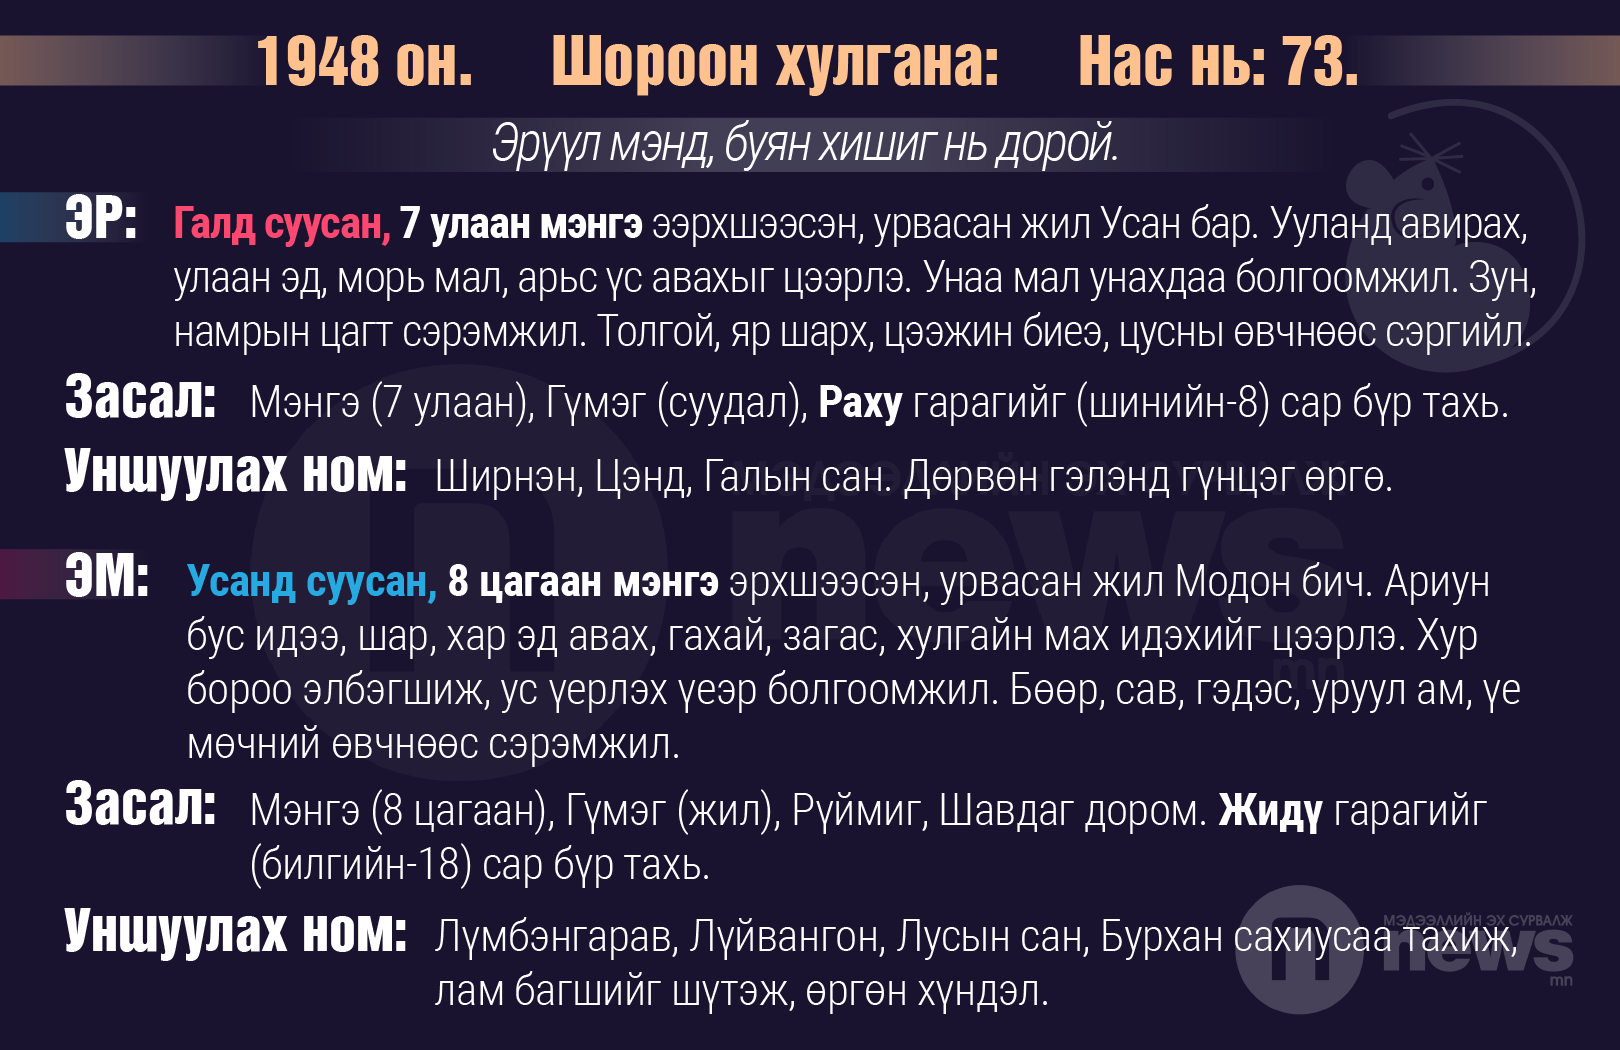 Хулгана-03